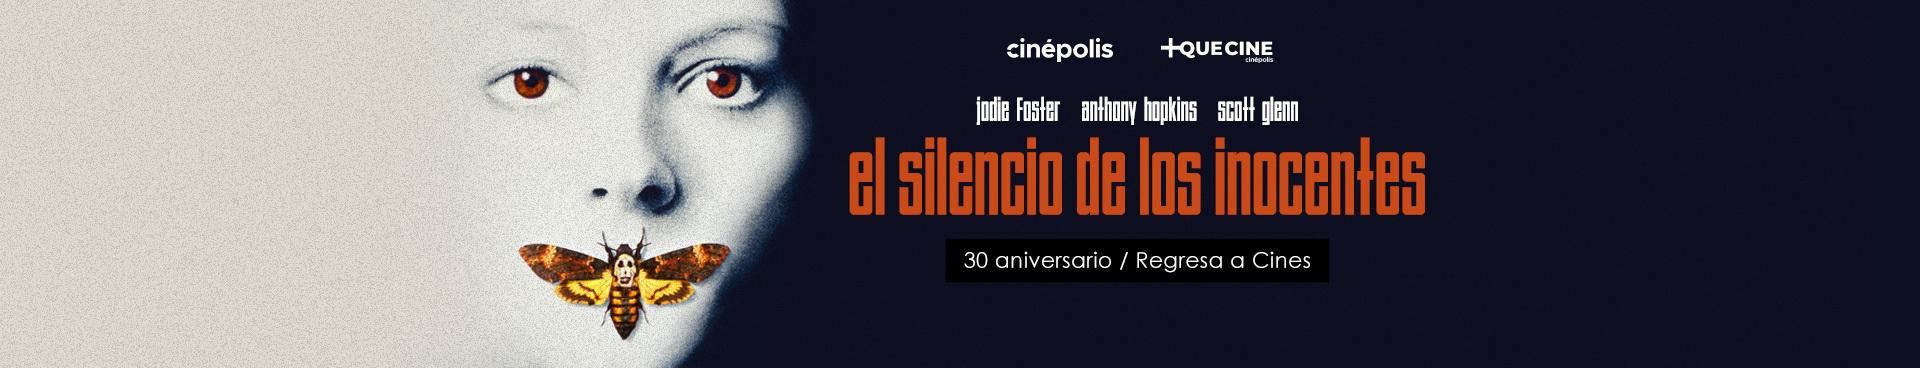 Estreno  El Silencio de los Inocentes 30 Aniversario